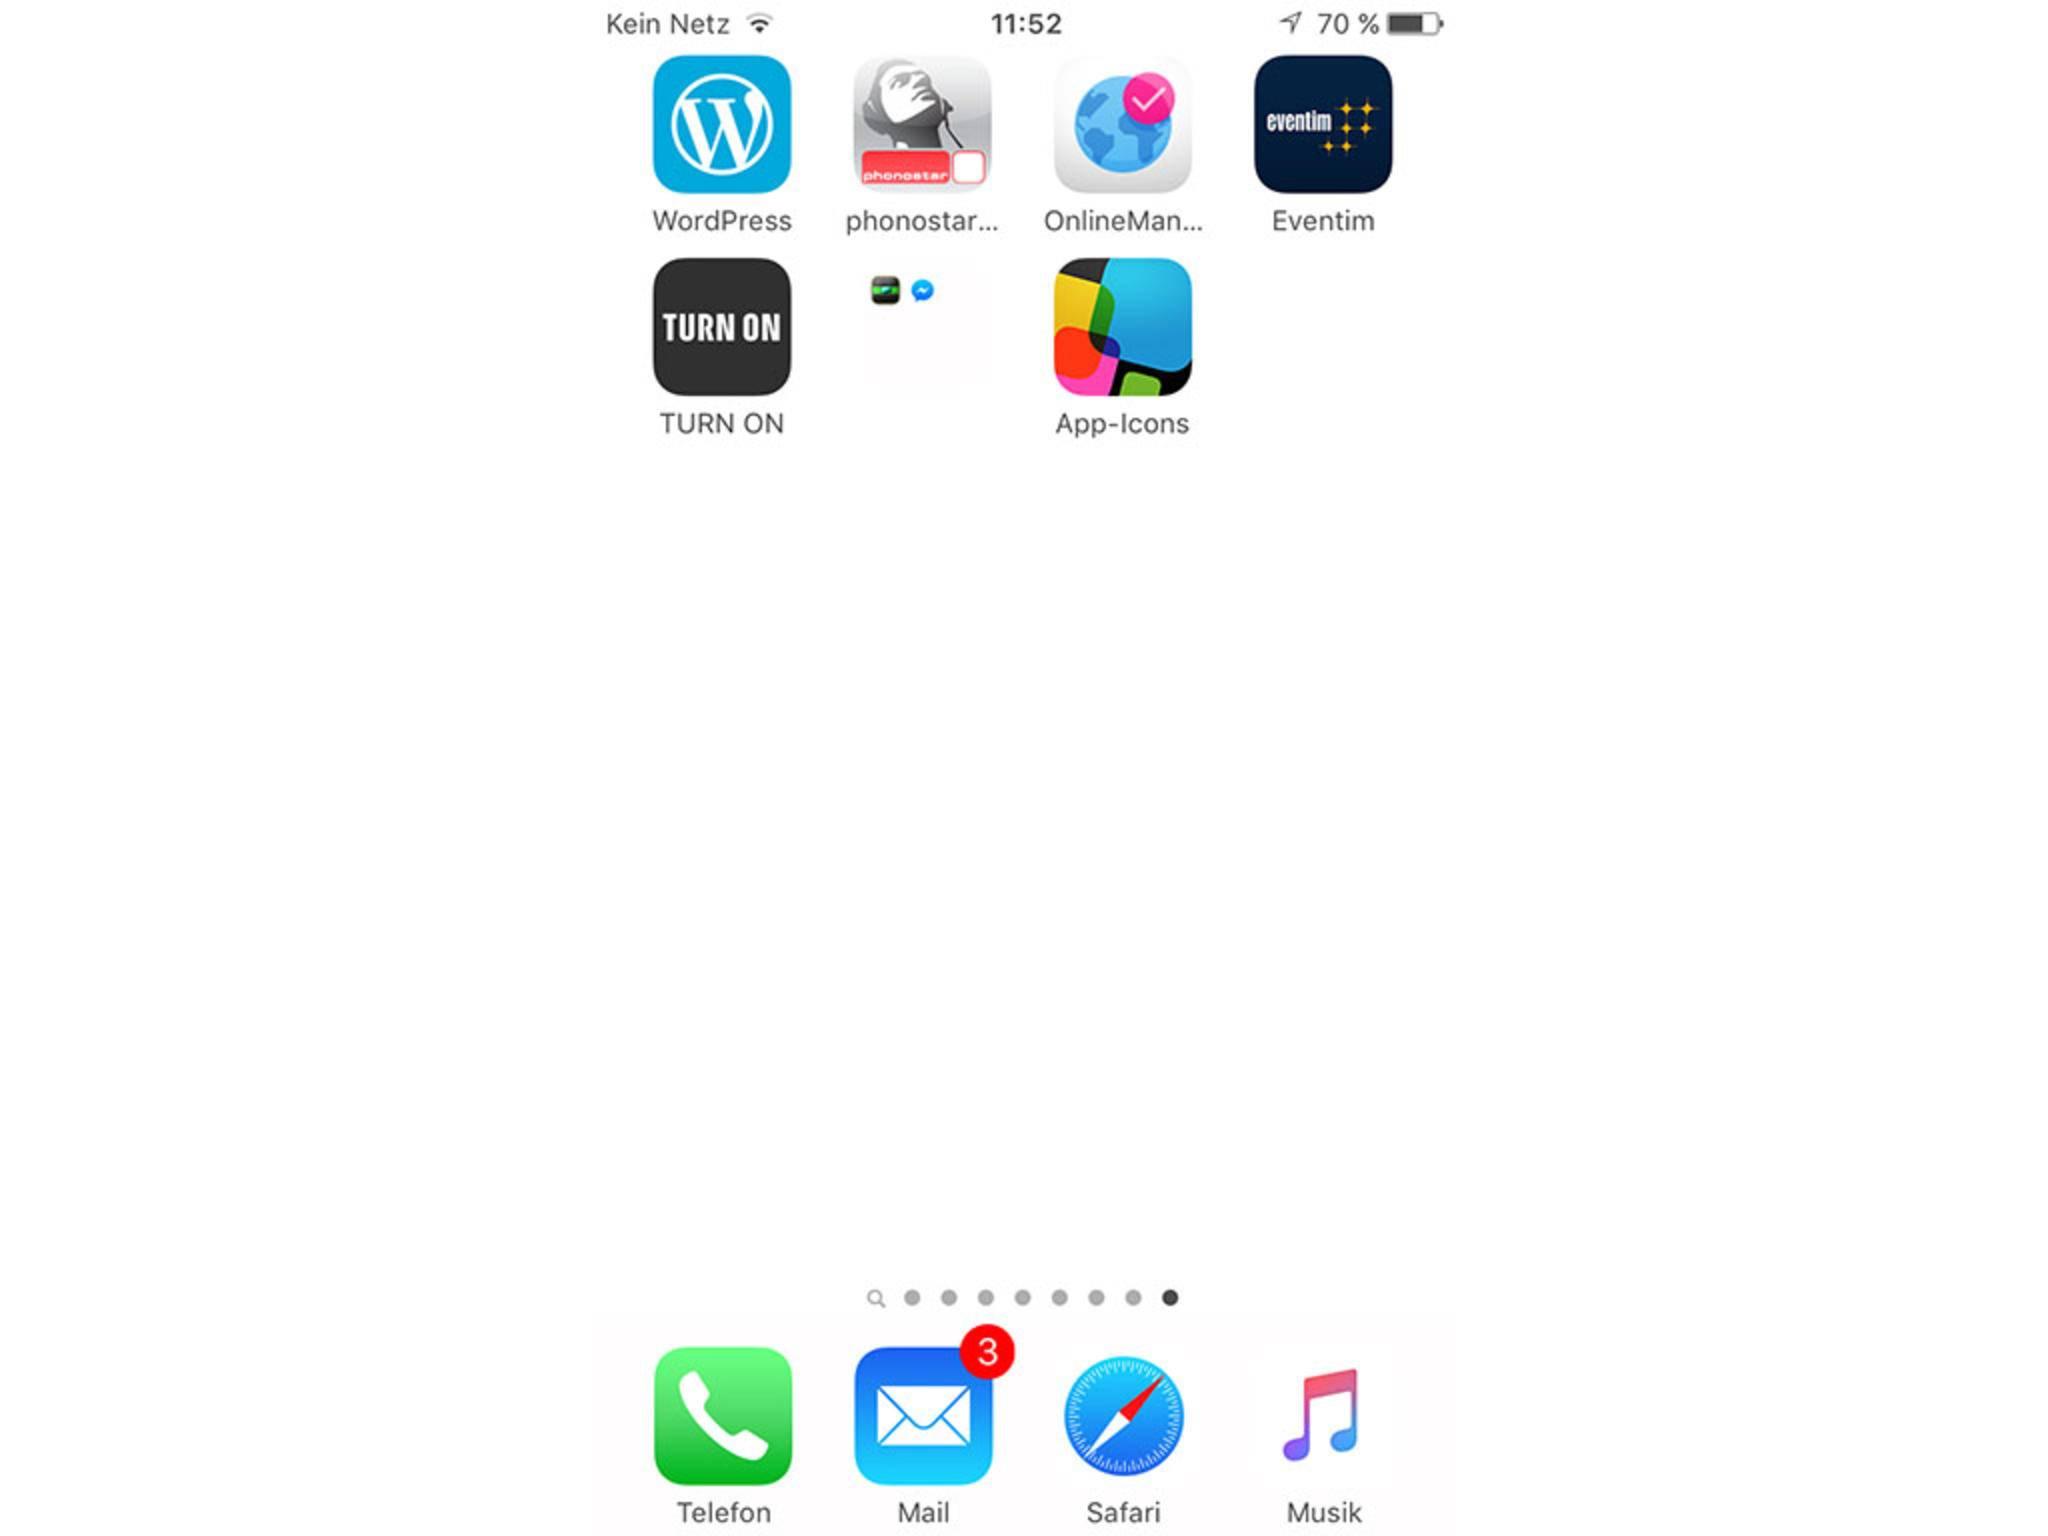 Der weiße Hintergrund verschmilzt mit dem Hintergrundbild von iOS.